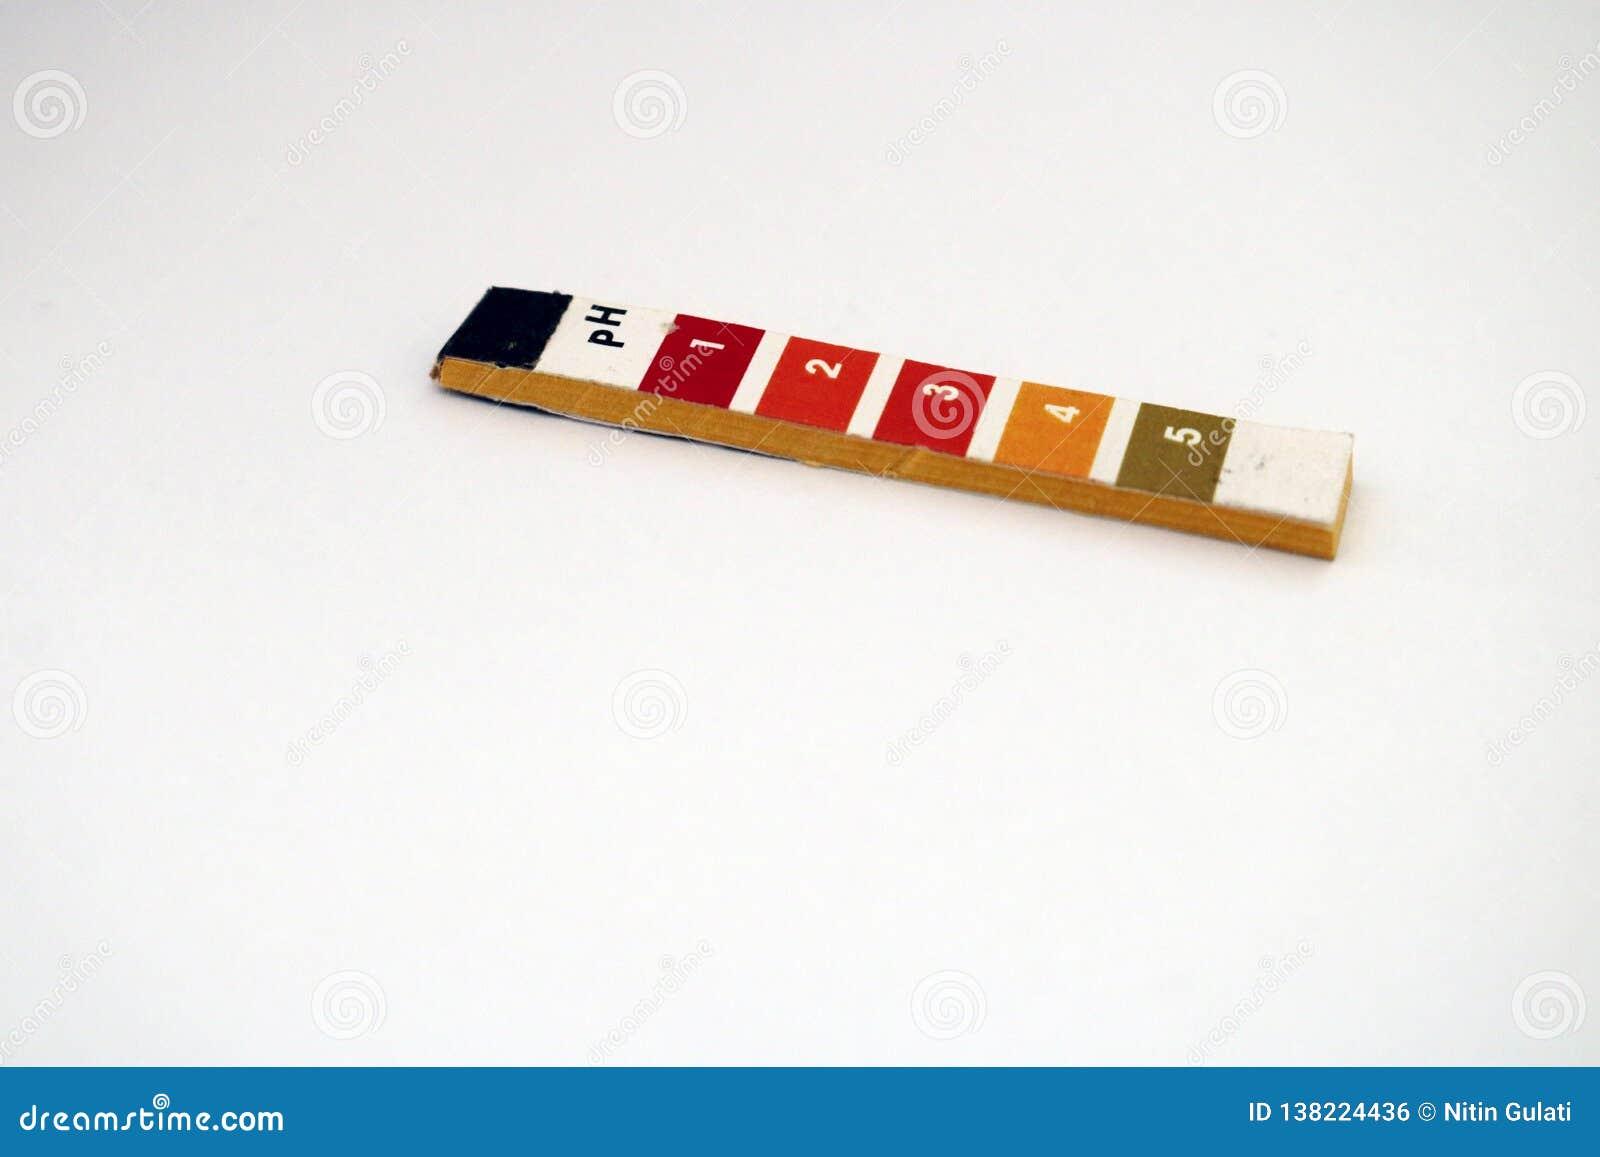 Ein Bündel pH-Lackmuspapier, das säurehaltige Markierungen anzeigt